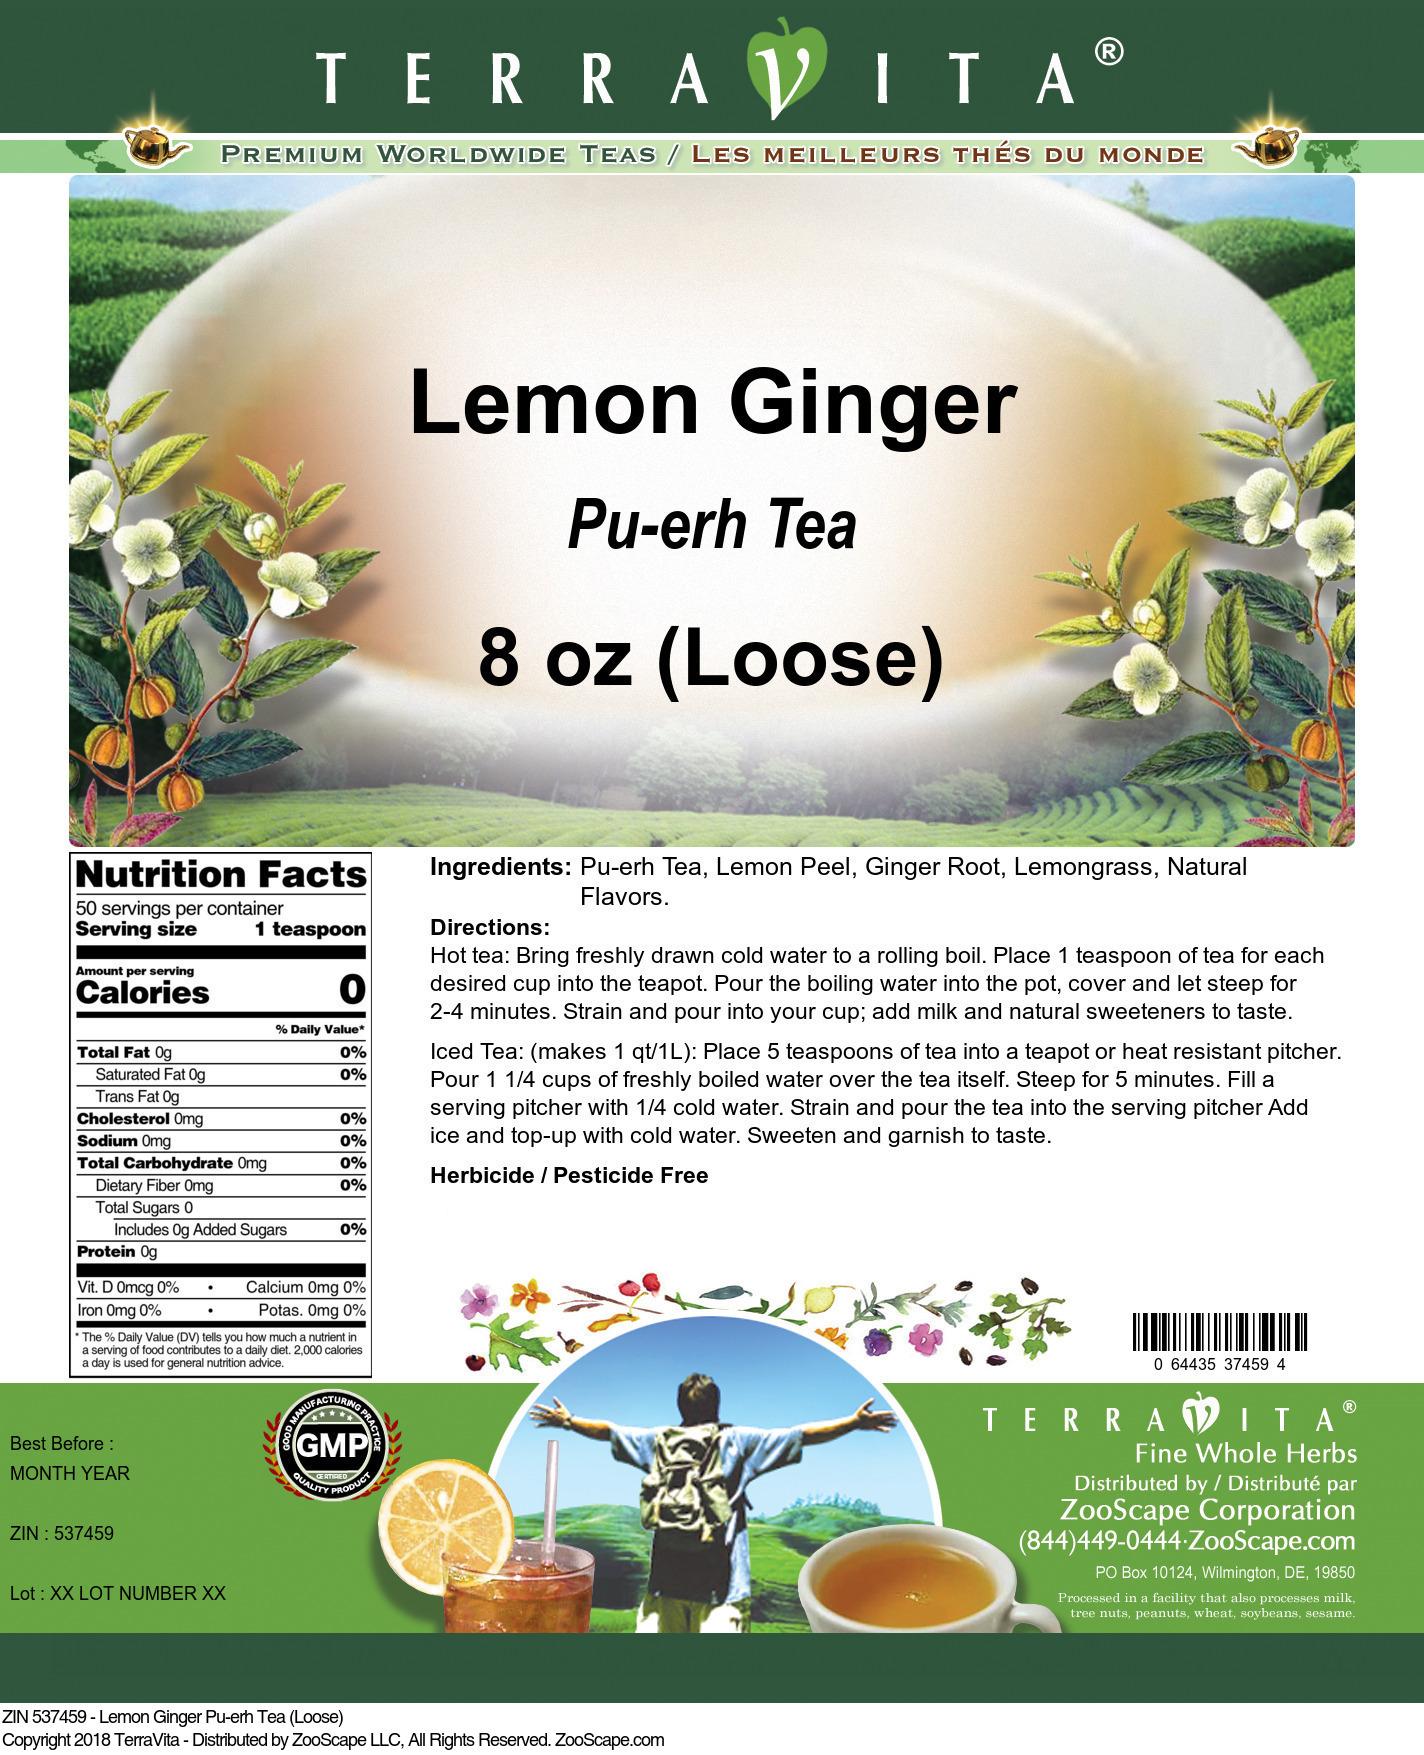 Lemon Ginger Pu-erh Tea